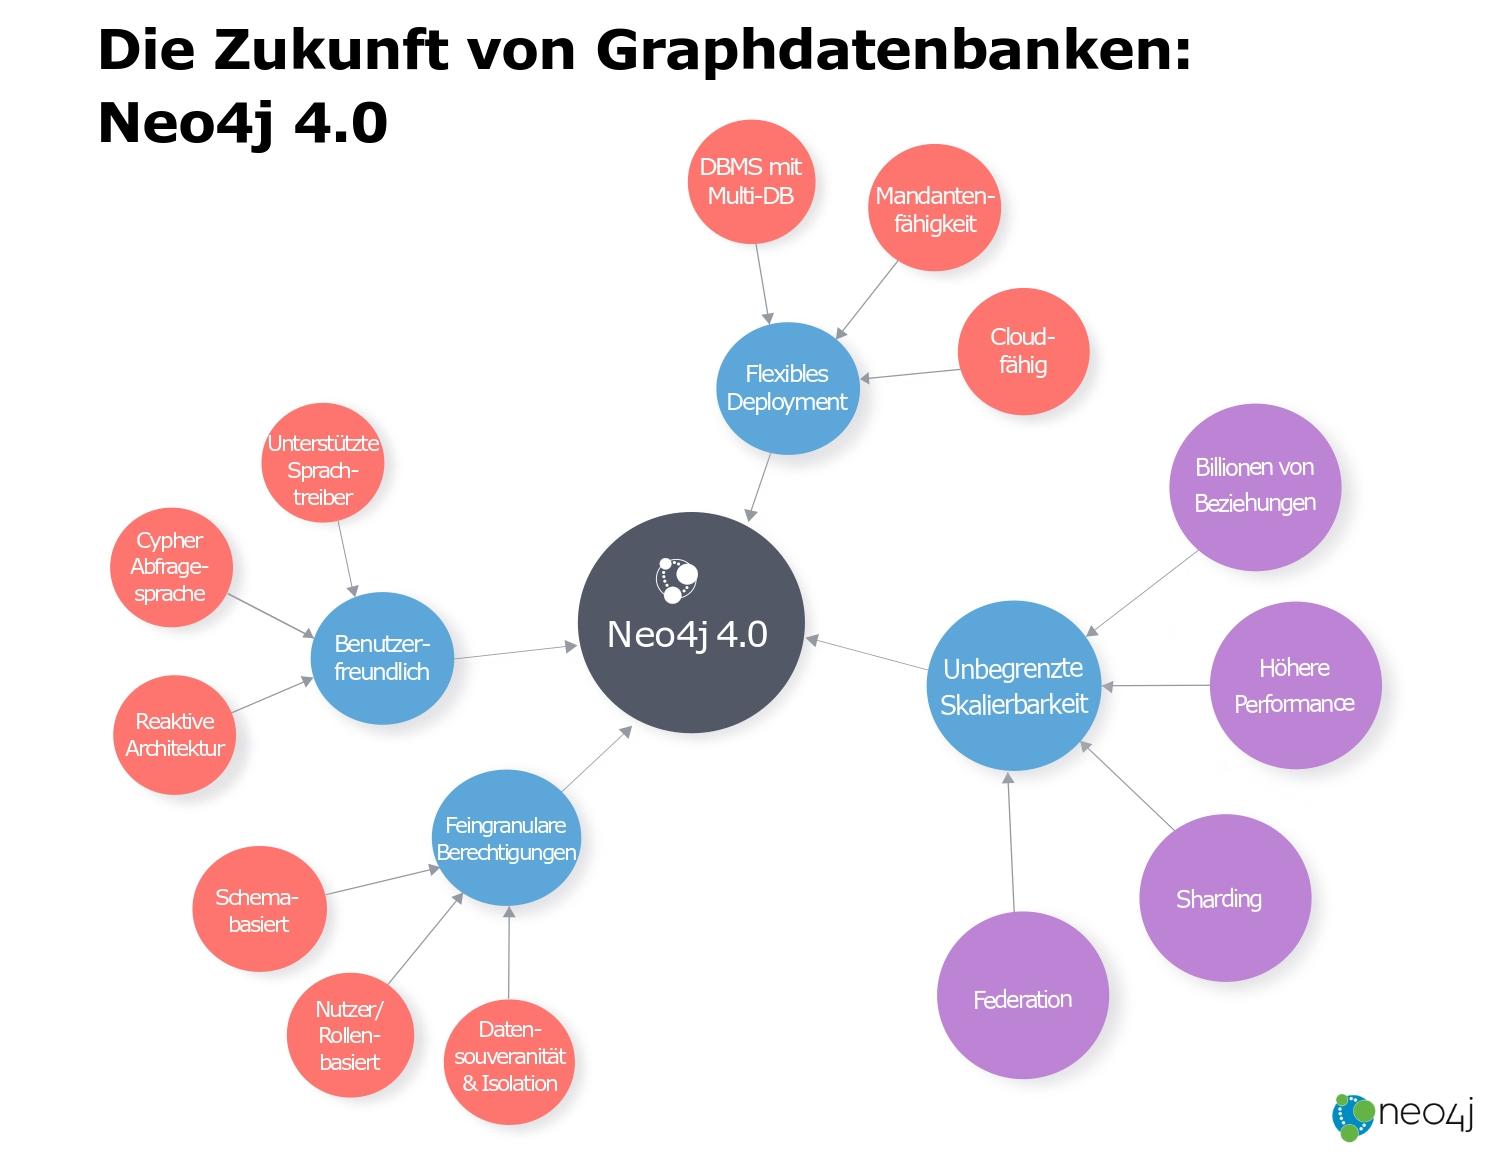 Die Zukunft von Graphdatenbanken: Neo4j 4.0 veröffentlicht